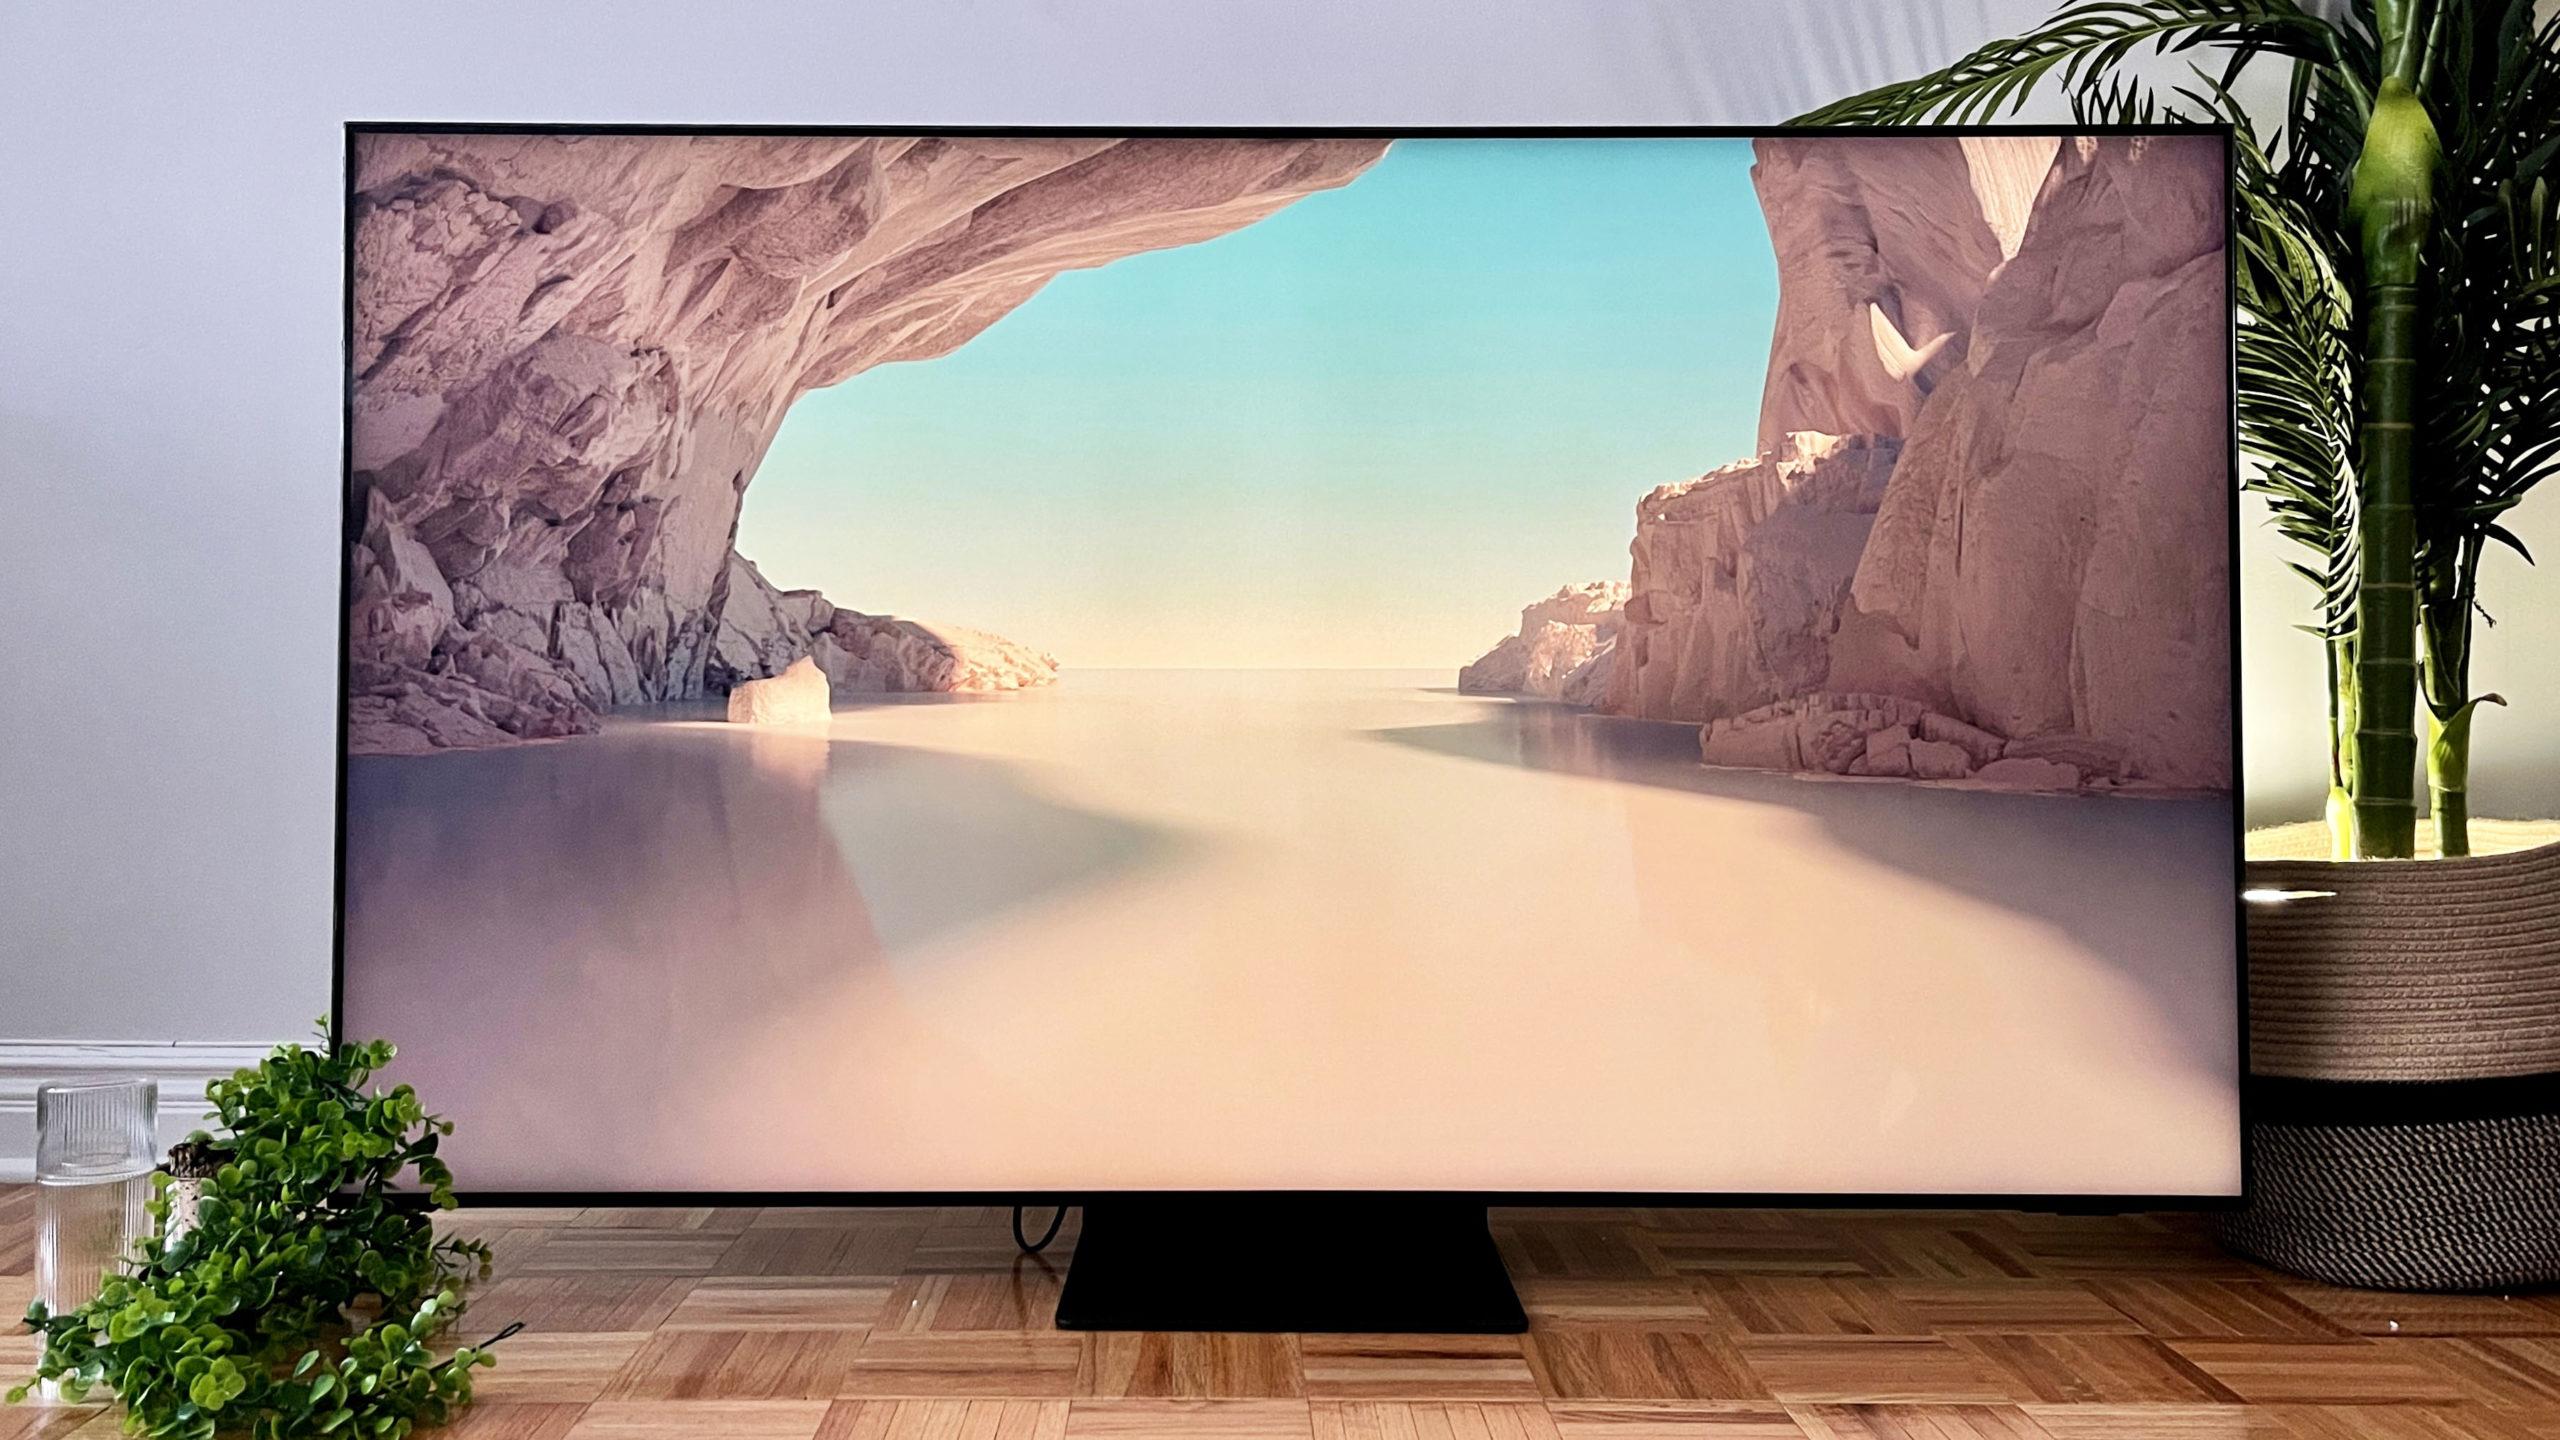 HDMI 2.1 TVs